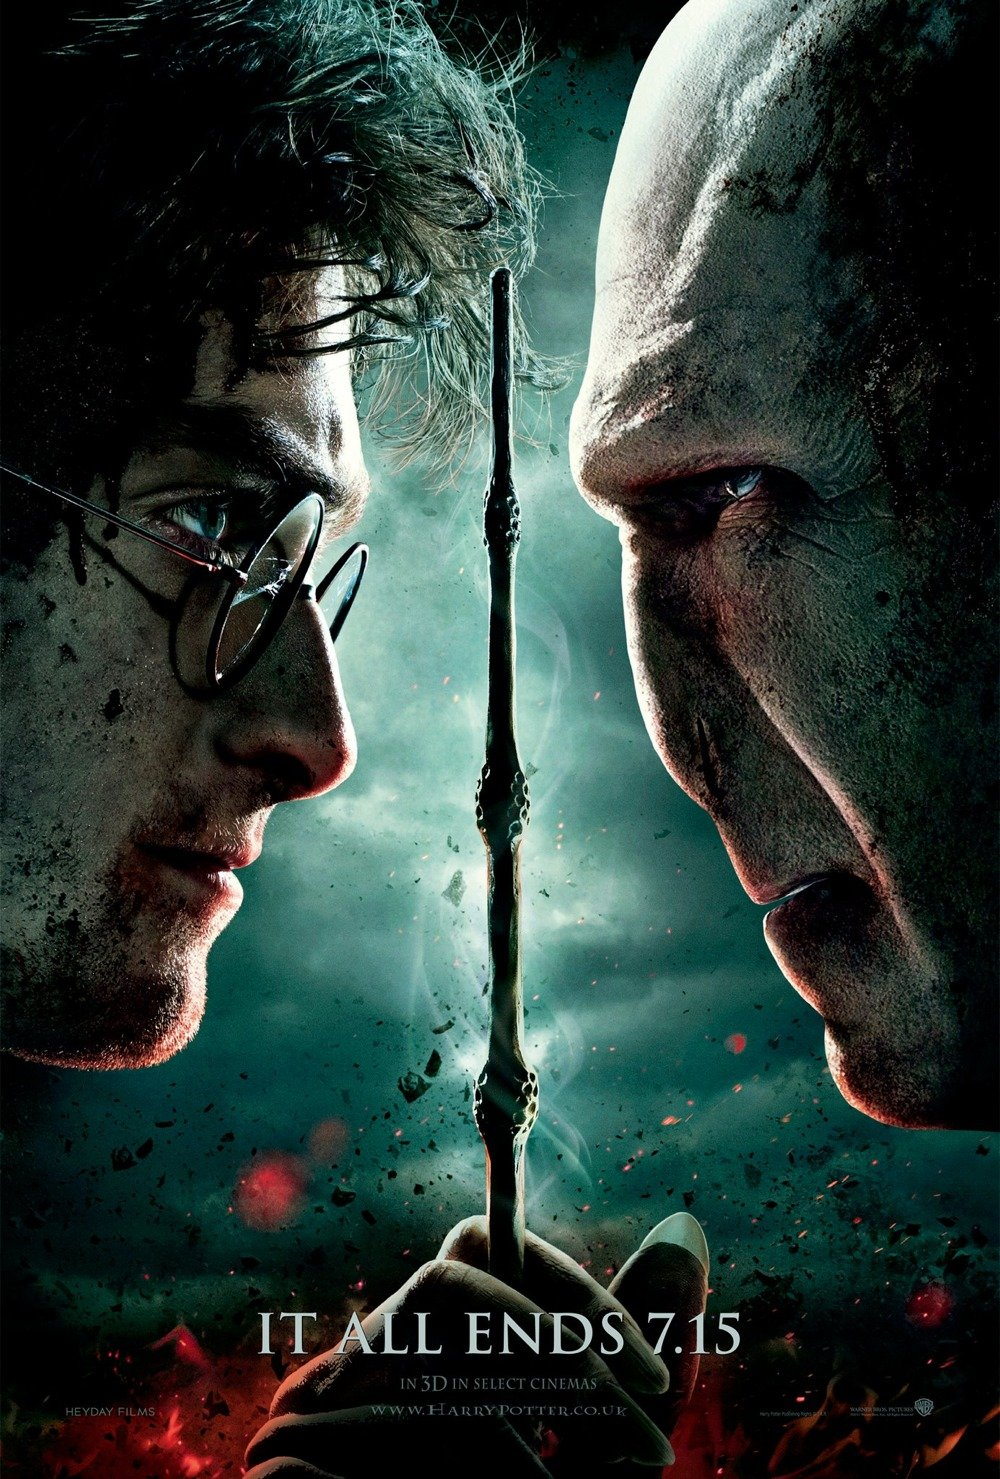 harry potter and the deathly hallows part two xlg Một bộ phim làm điên đảo các fan hâm mộ Lý Liên Kiệt, Brucce Willis, ...